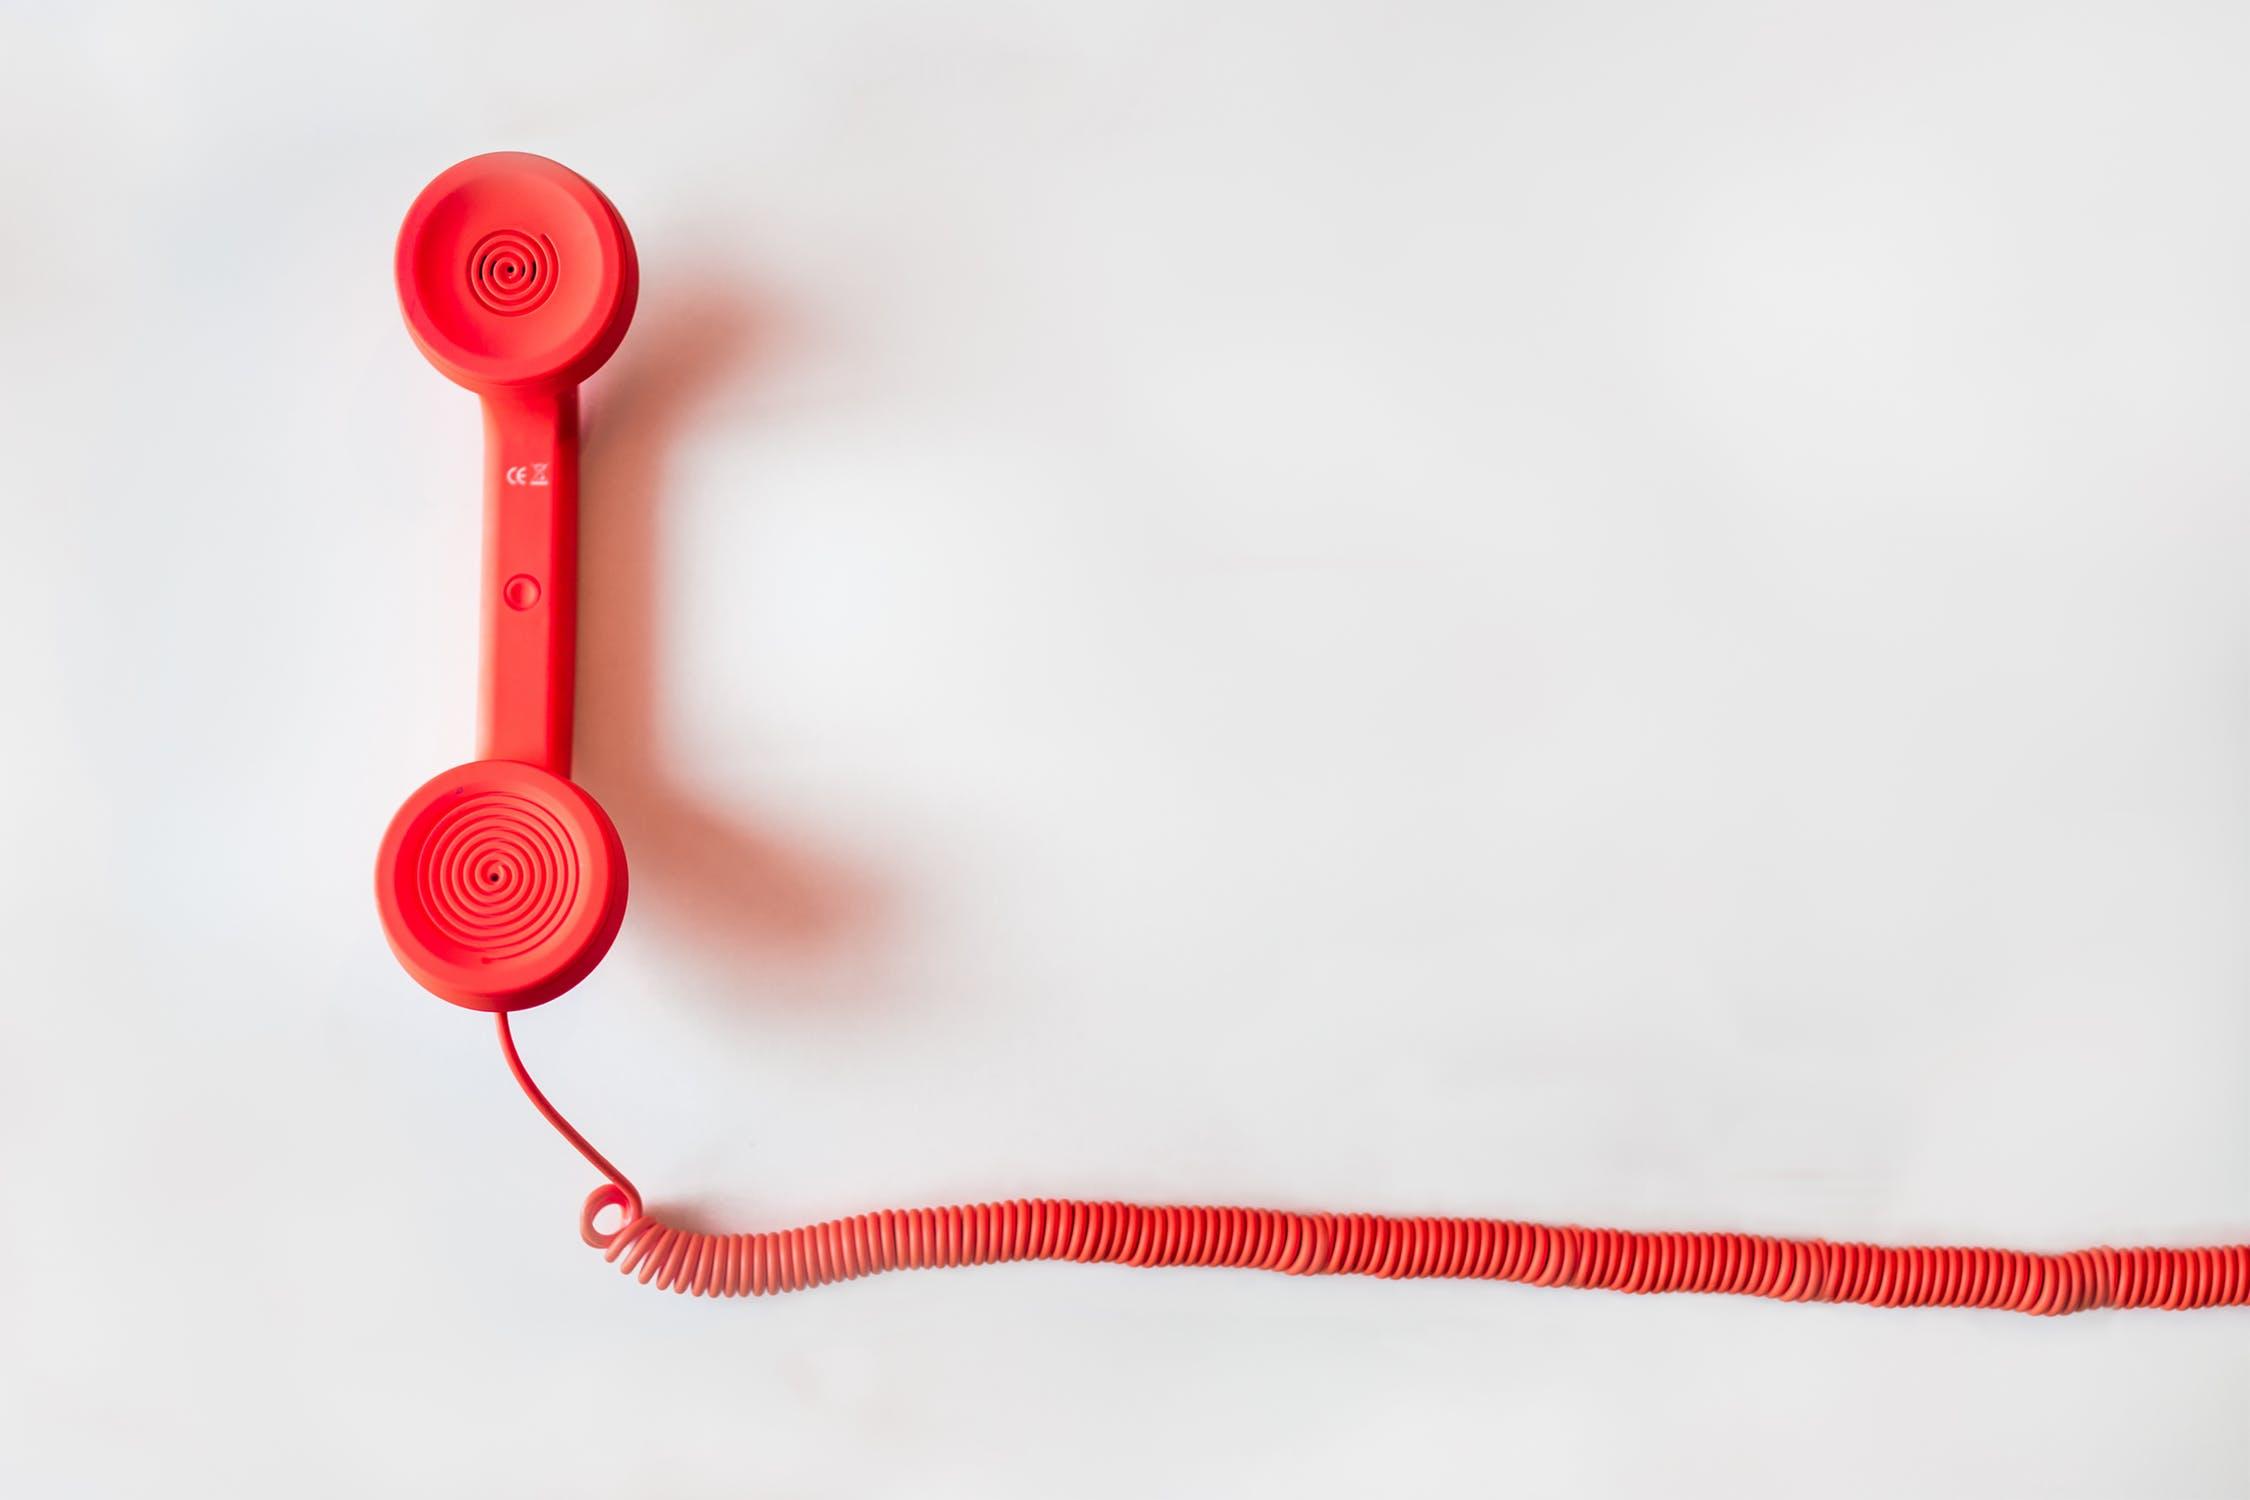 ¿Cambiar de operador móvil o negociar con el actual?